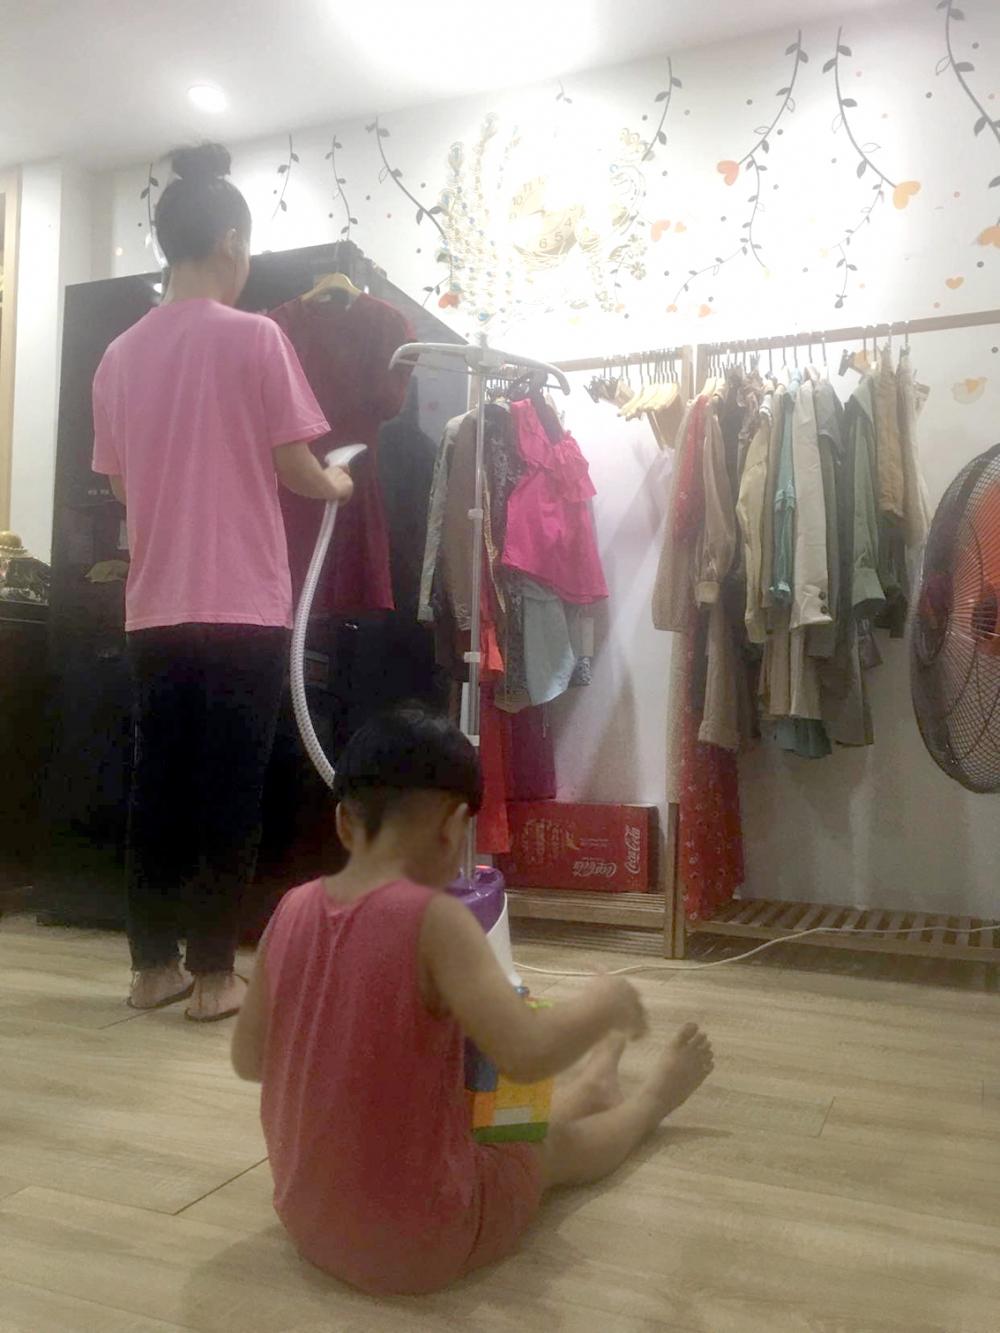 Vừa chơi với con, chị Kim M. vừa ủi quần áo để giao cho khách hàng